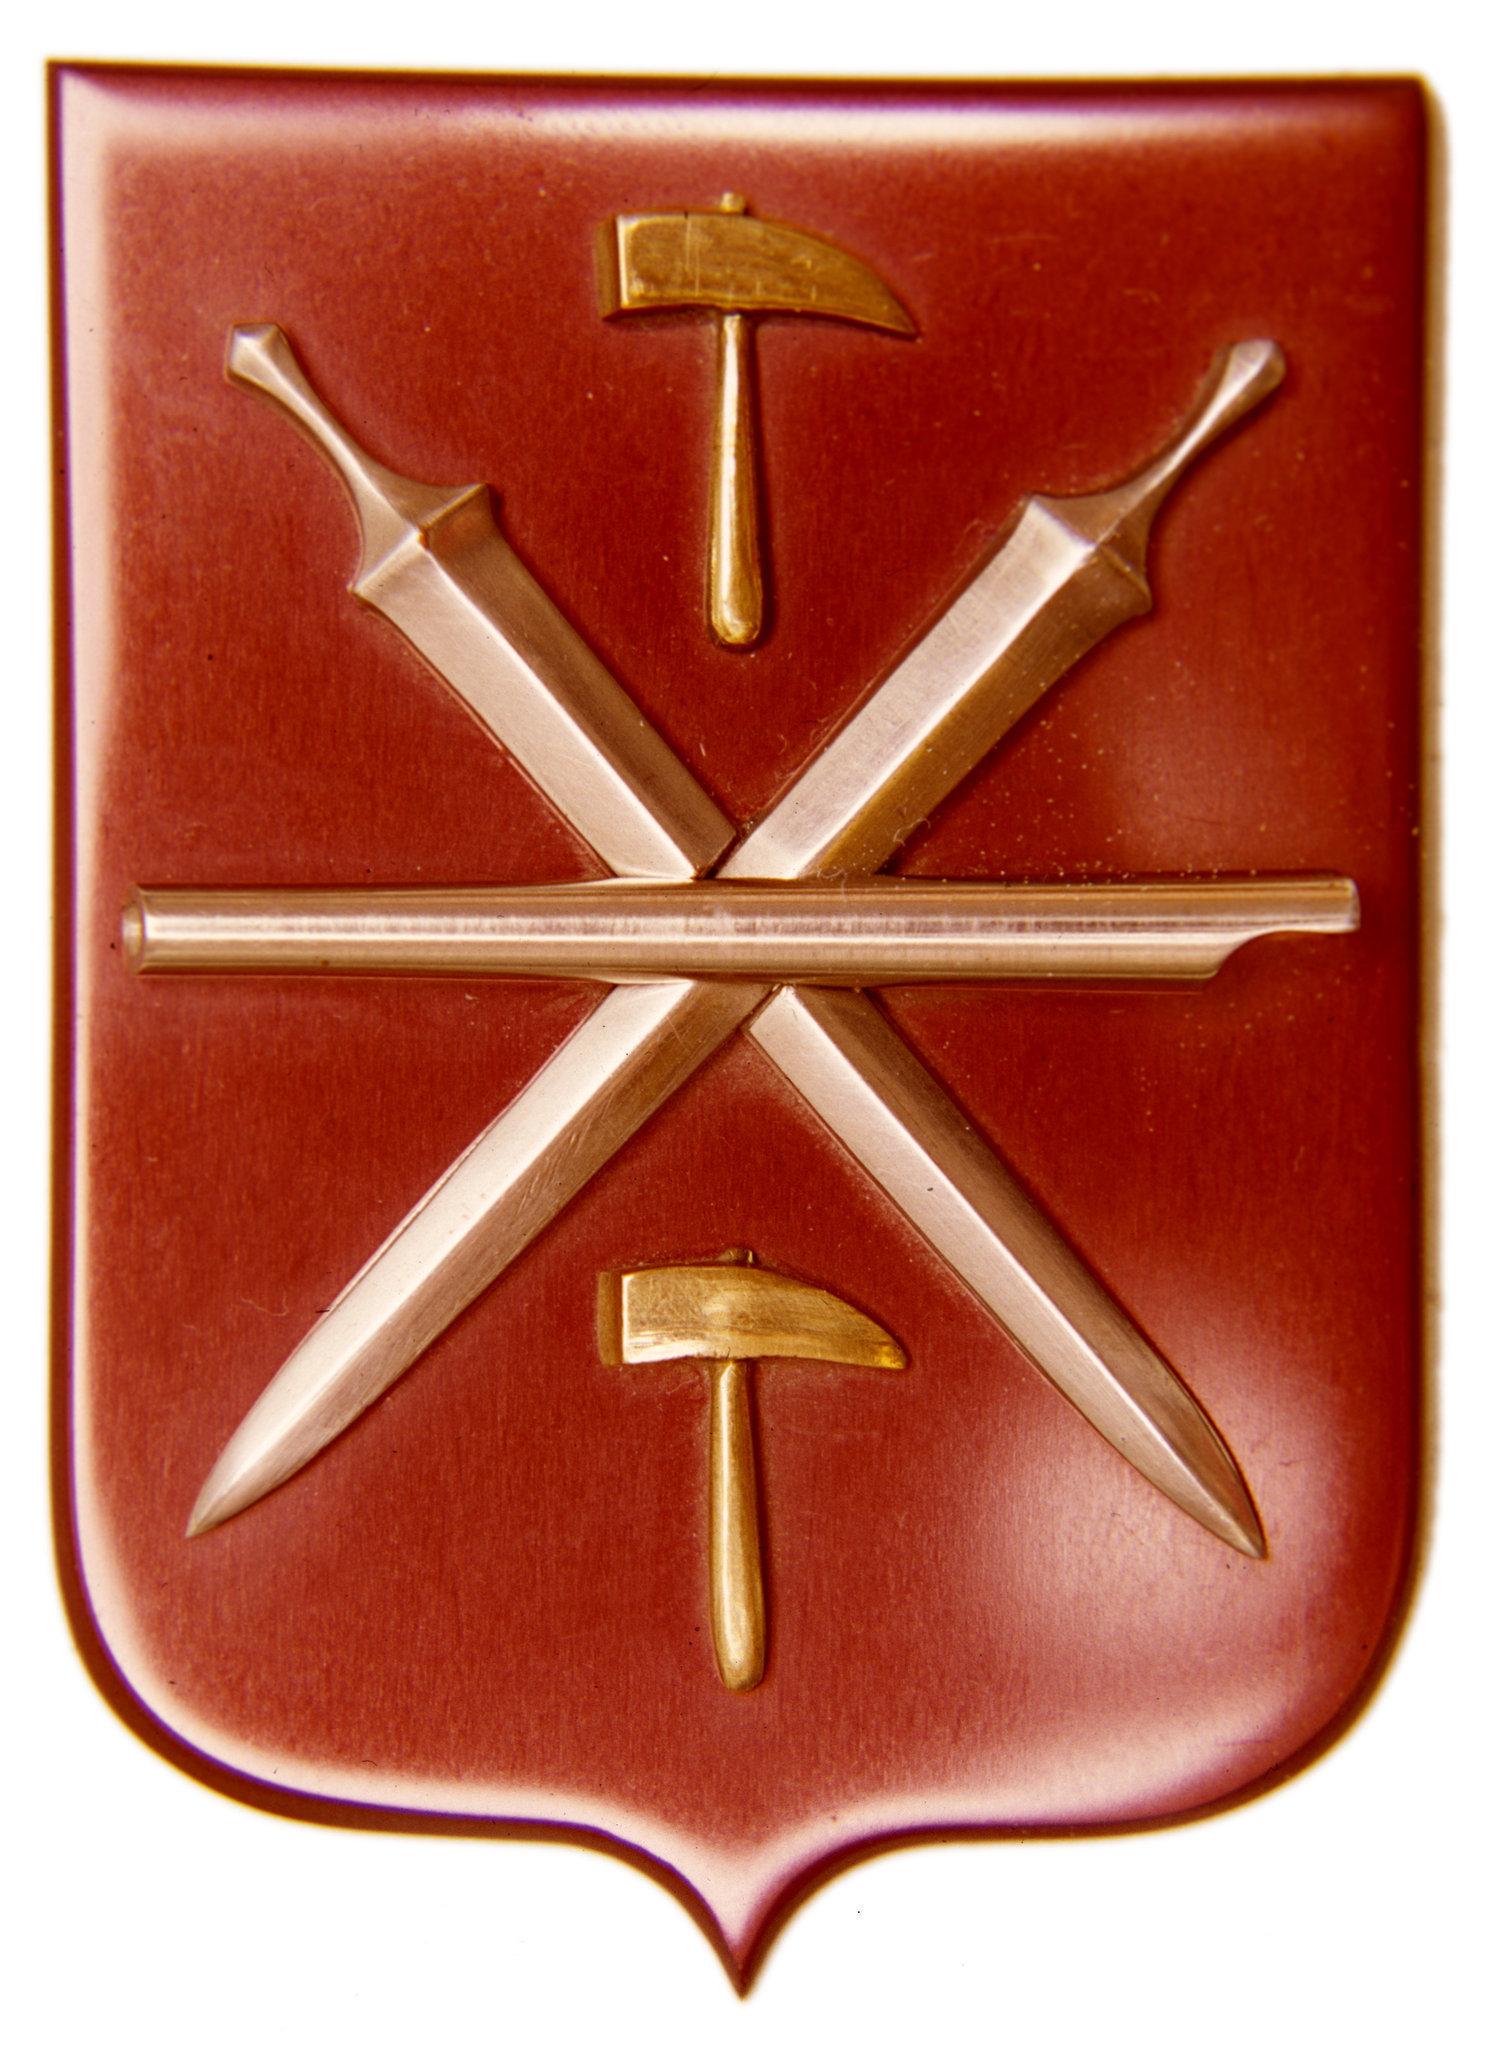 El escudo de Tula refleja sus tradiciones herreras y armamentistas